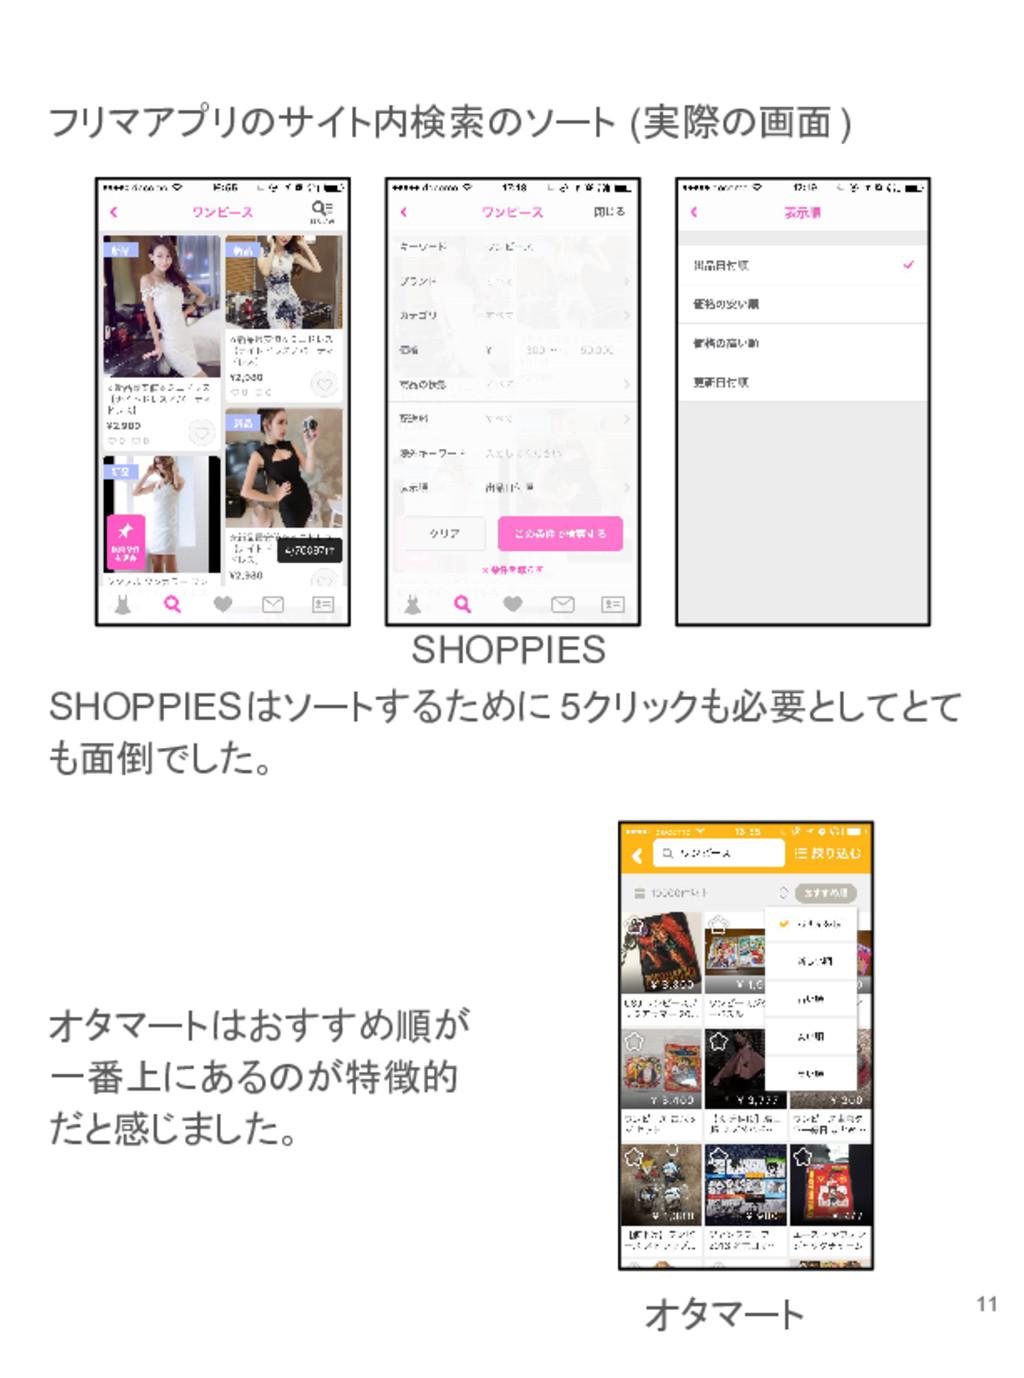 フリマアプリのサイト内検索のソート (実際の画面) SHOPPIESはソートするために 5クリ...